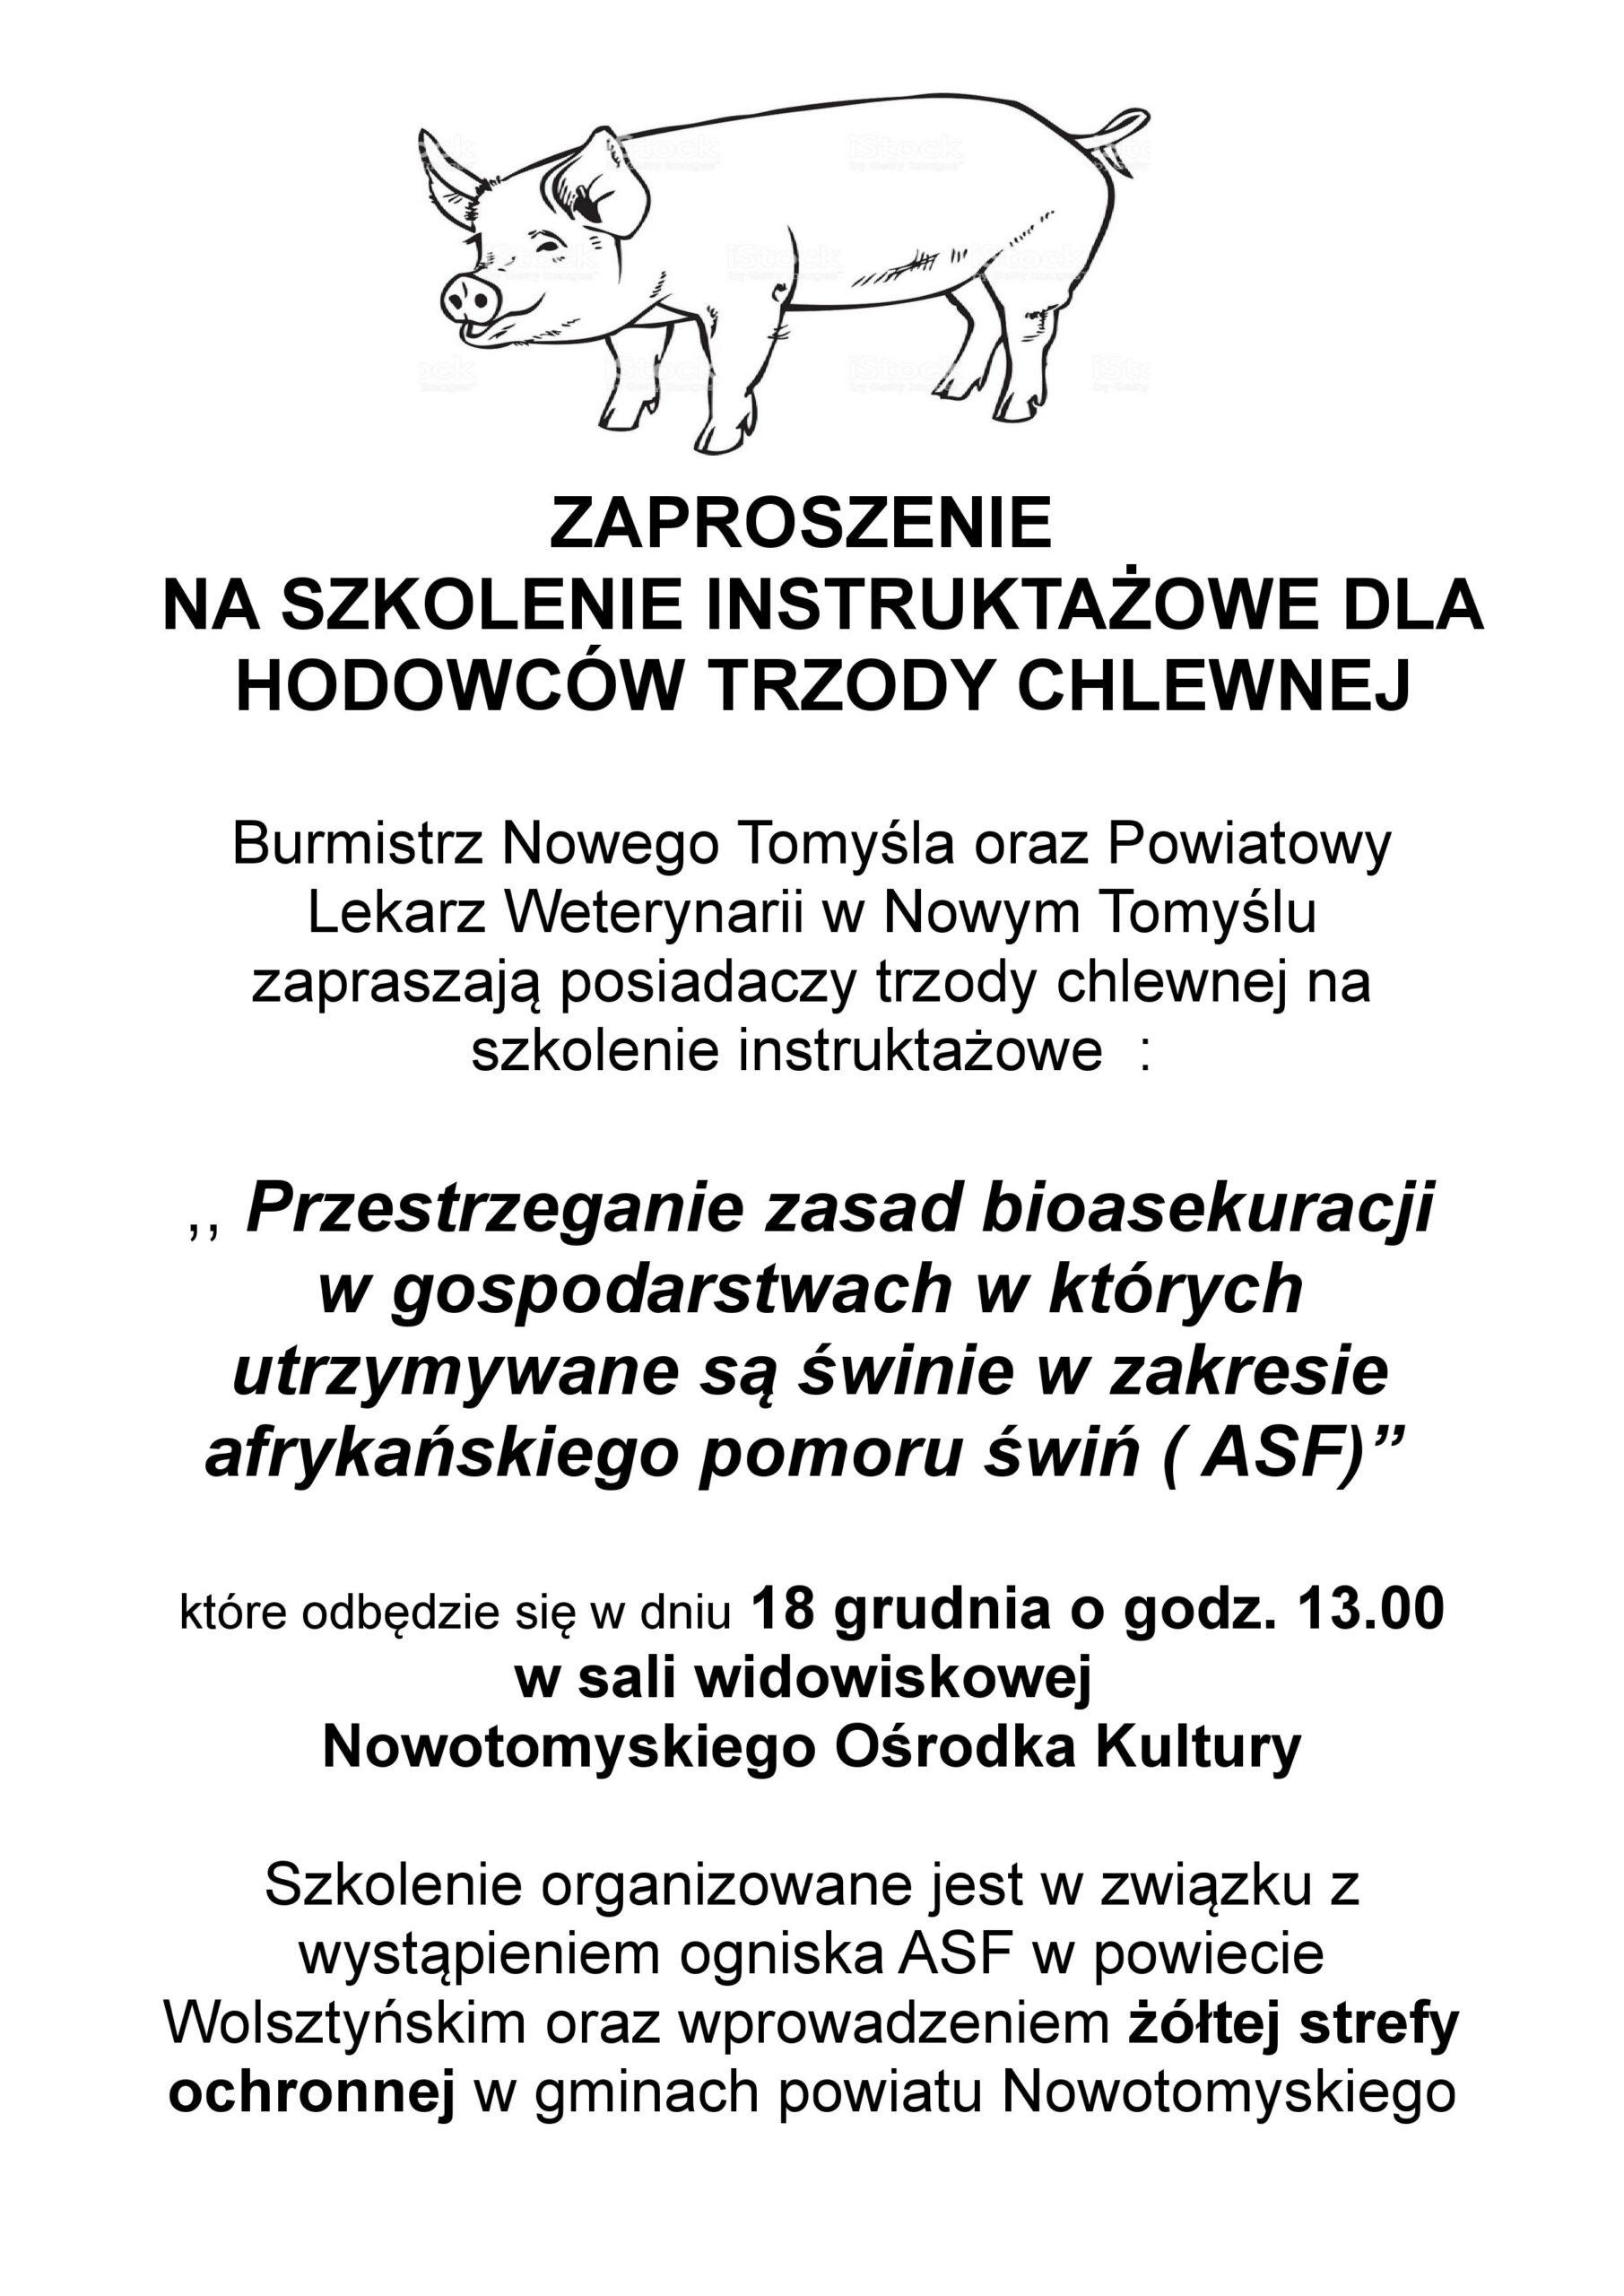 Zaproszenie na szkolenie instruktażowe dla hodowców trzody chlewnej